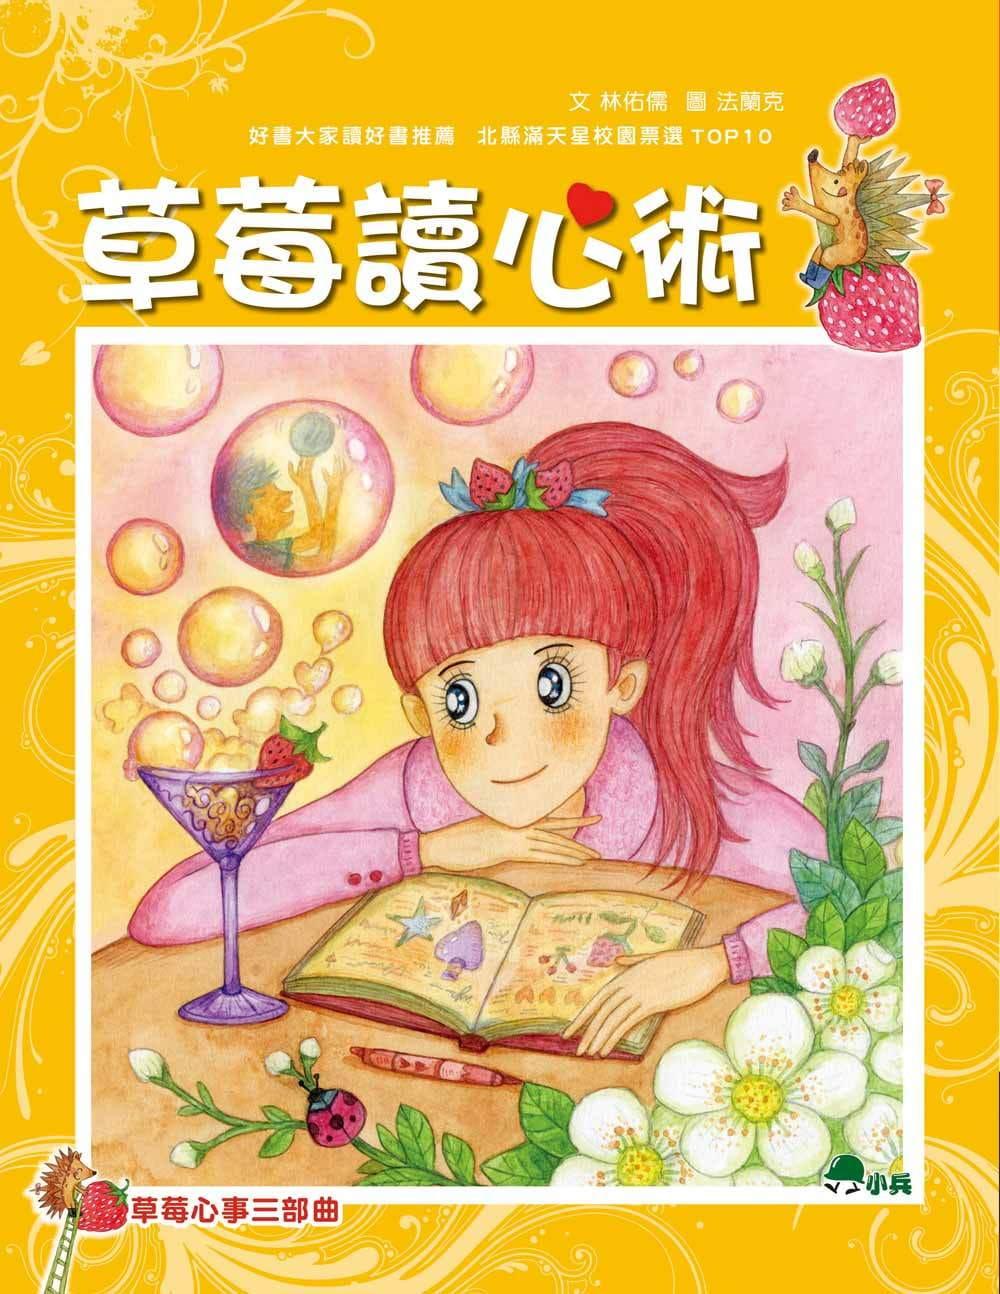 草莓心事三部曲 3 草莓讀心術